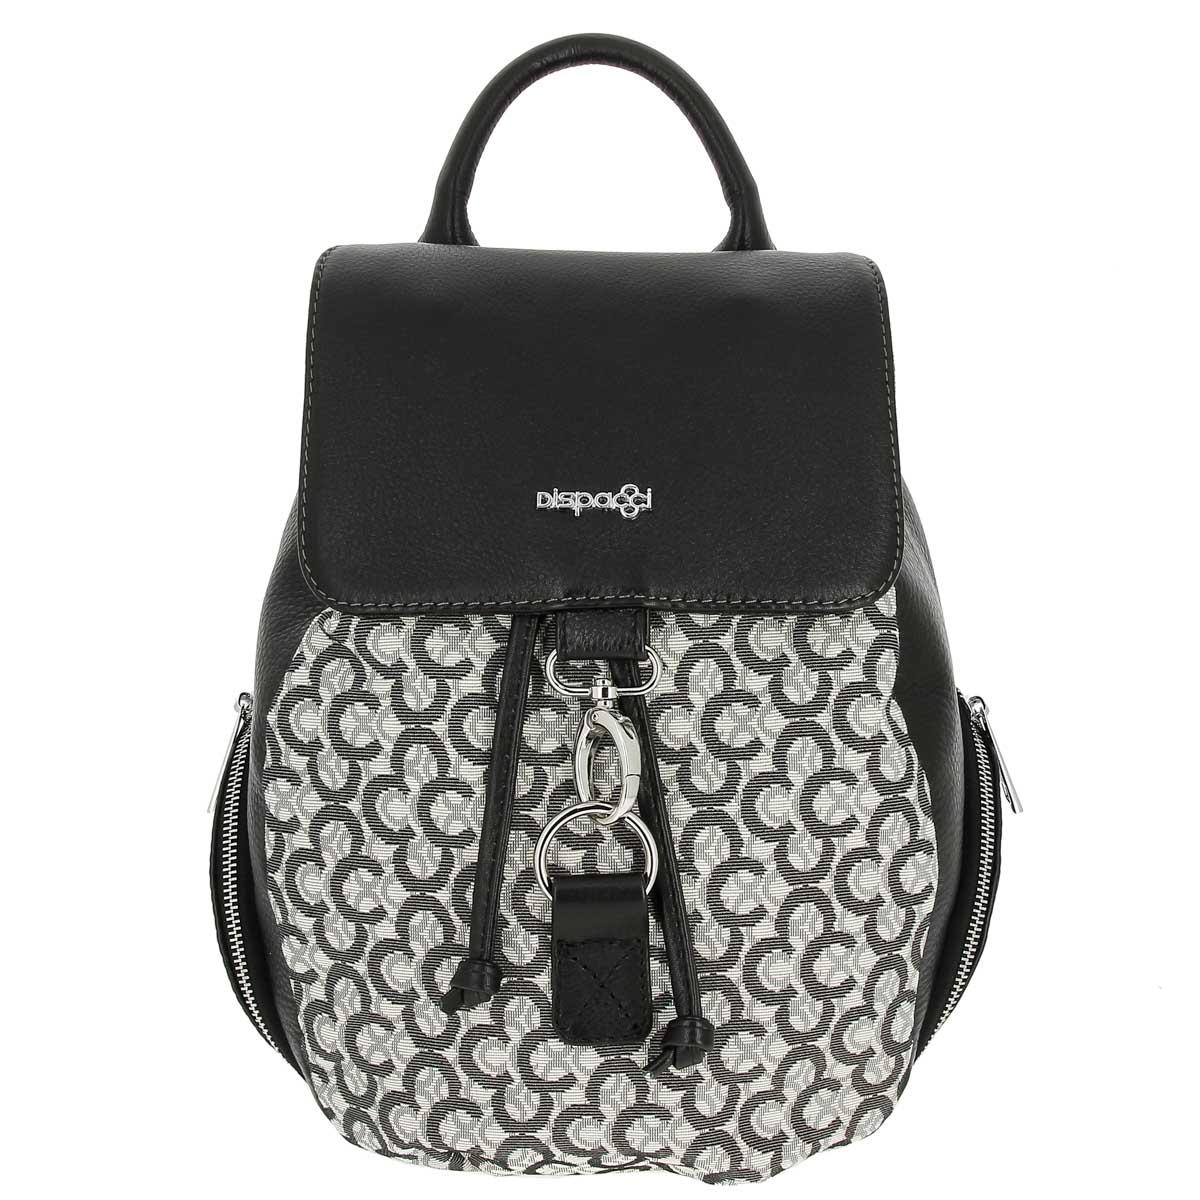 Рюкзак женский Dispacci, цвет: черный. R0163R0163Самым актуальным видом сумки в 2016 году по прежнему остается - рюкзак. Дизайнеры бренда Dispacci не перестают удивлять новыми идеями! Ультрамодный рюкзак в стиле casual, выполнен из высококачественной натуральной кожи черного цвета, в сочетании с серым текстилем. Принт на ткани в виде логотипа бренда, сам текстиль выполнен из натурального хлопка, а за счет специальной пропитки ткань влагоустойчива, будьте уверены что дождь и не чаянно пролитая чашка кофе вам не страшны! Создай свой идеальный образ, приобрети рюкзак от бренда Dispacci! Рюкзак закрывается на общий клапан, застежка - карабин, а также внутри можно затянуть с помощью кожаных ремней. Внутри одно отделение, в котором имеется боковой карман на молнии. С внешней стороны имеются боковые кармашки на молнии, а также один карман на молнии на задней стороне. Рюкзак имеет две лямки и одну короткую ручку. Высота ручки - 10 см. Размер лямок регулируется, максимальная длина 50 см.